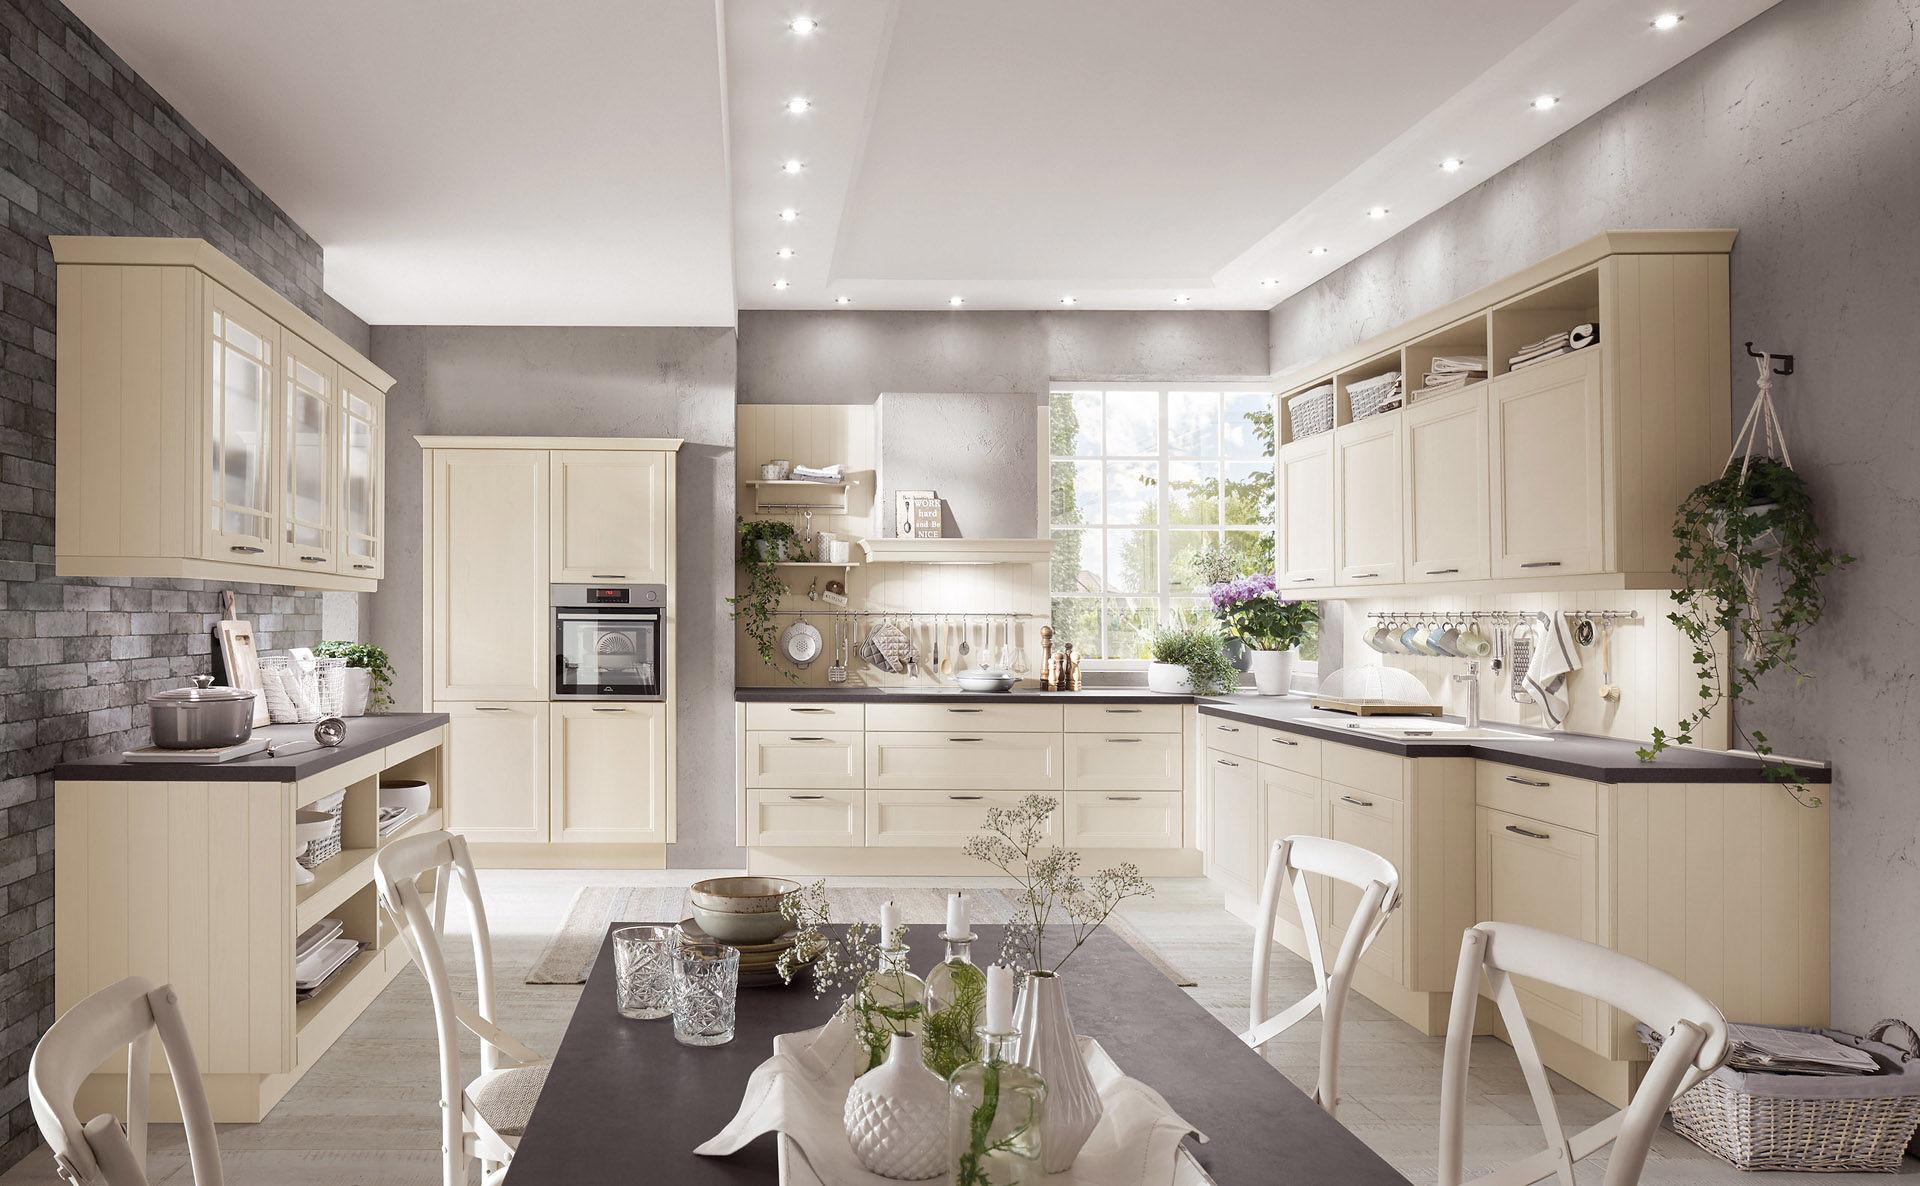 Servei integral de disseny i instal·lació de cuines